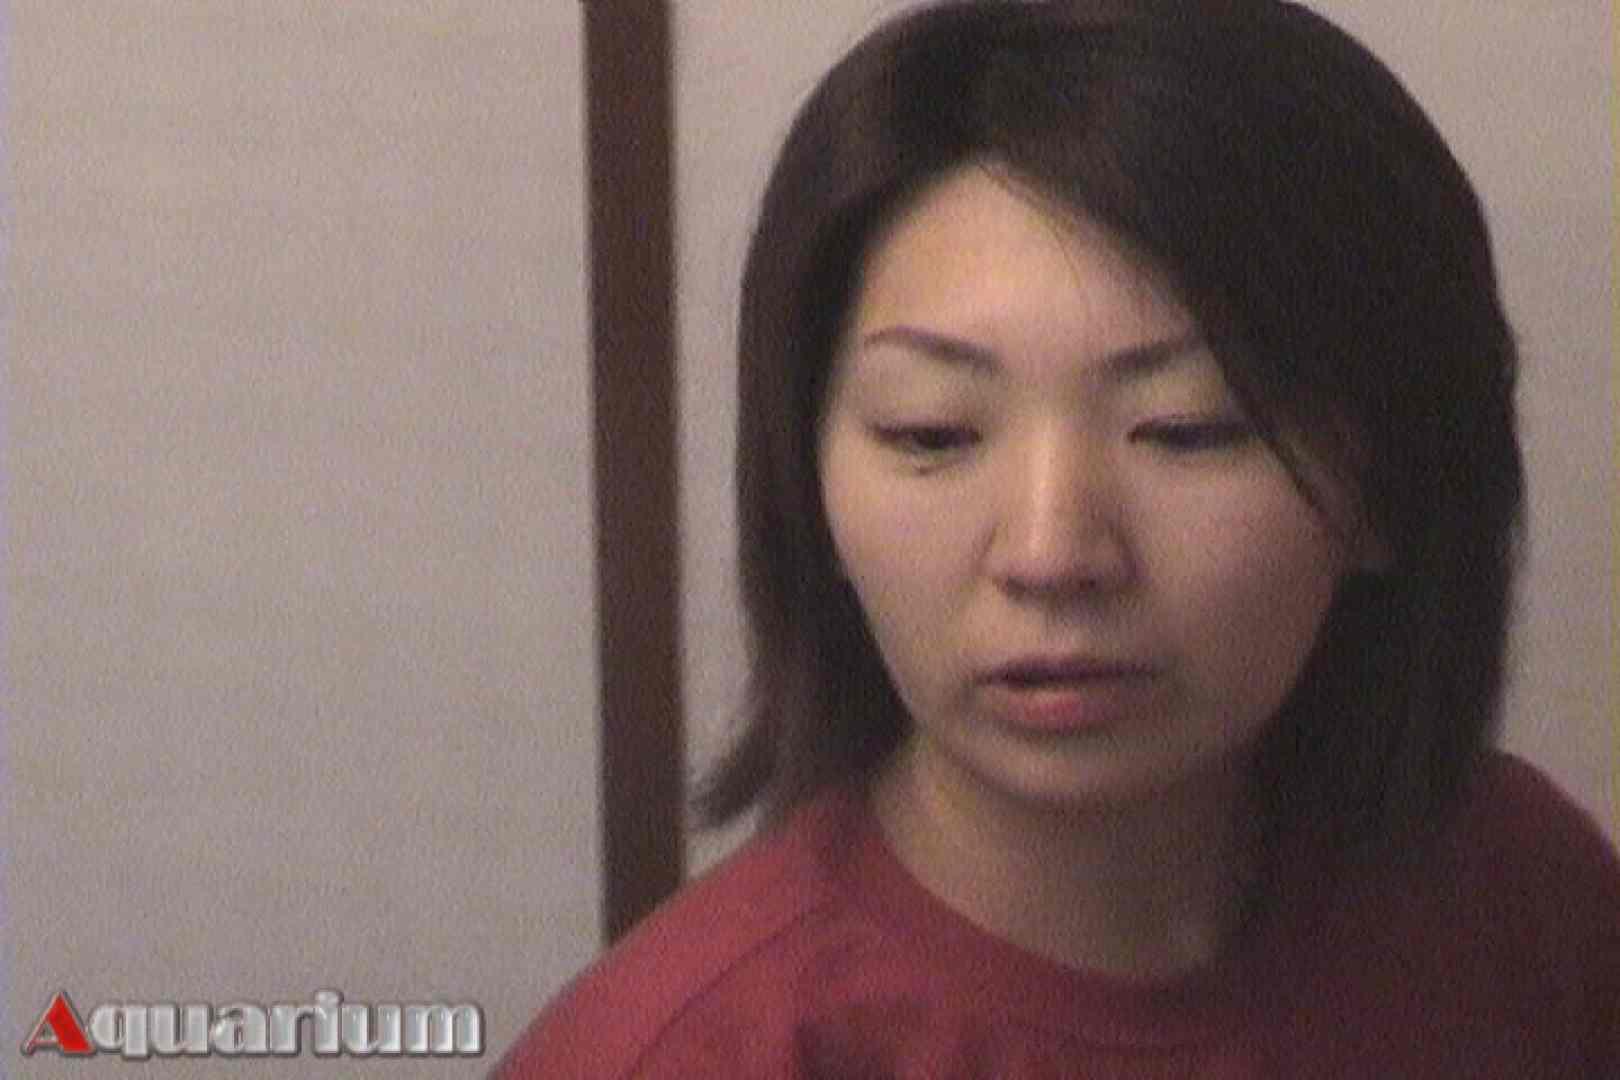 旅館脱衣所お着替え盗撮 Vol.02 盗撮  94pic 13